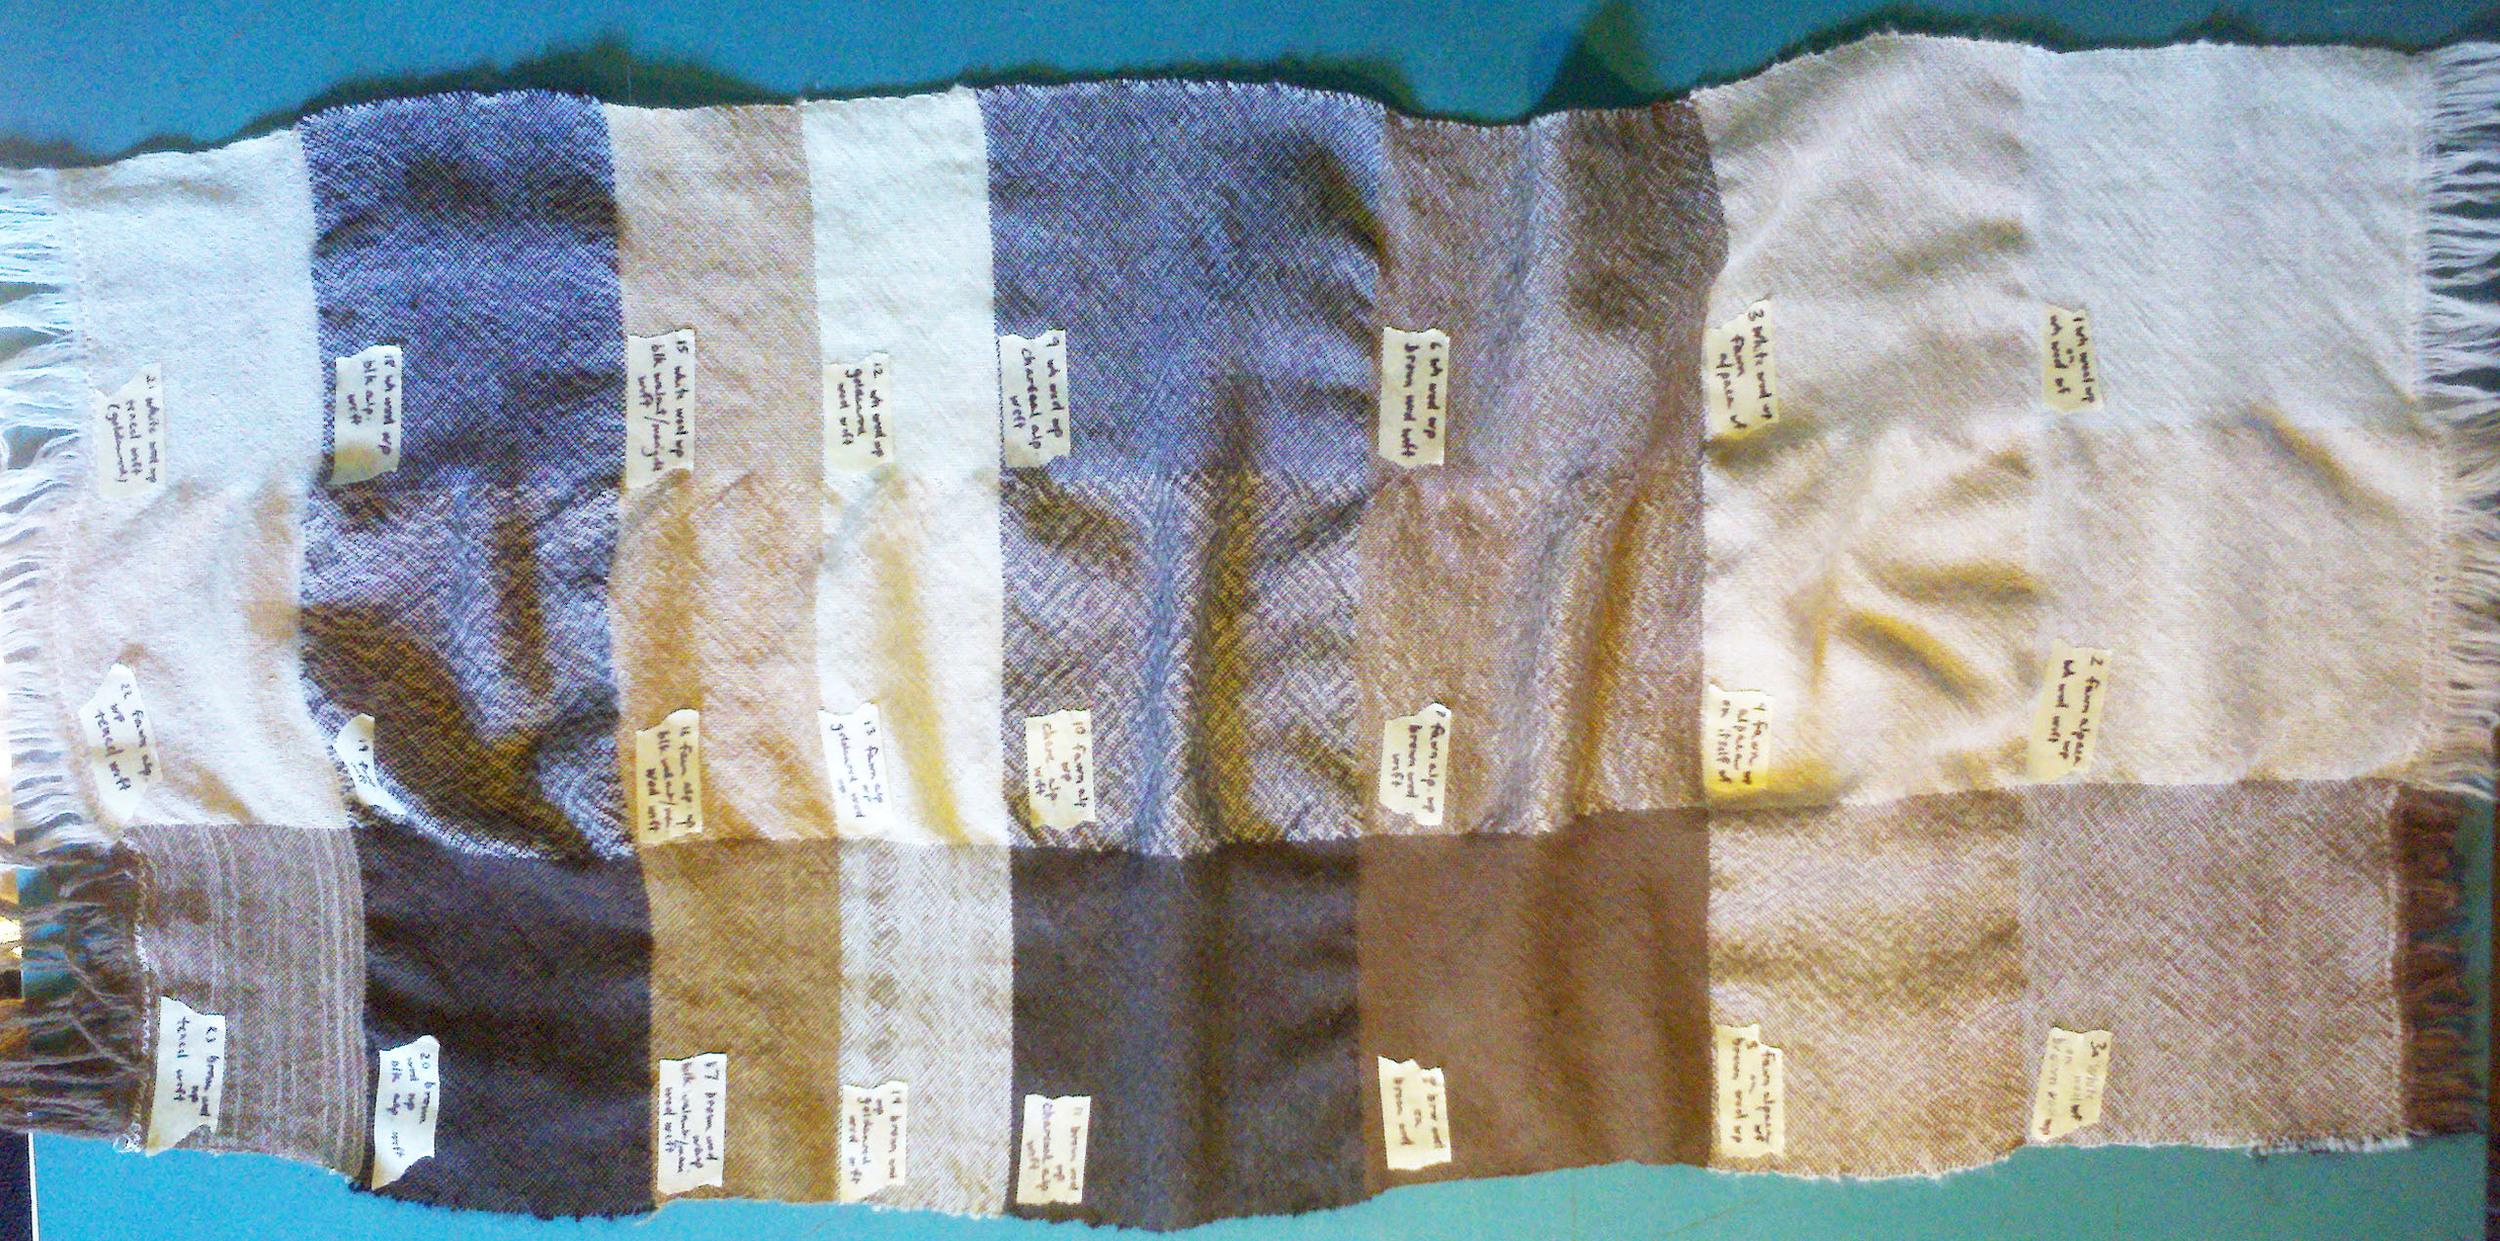 The sample blanket